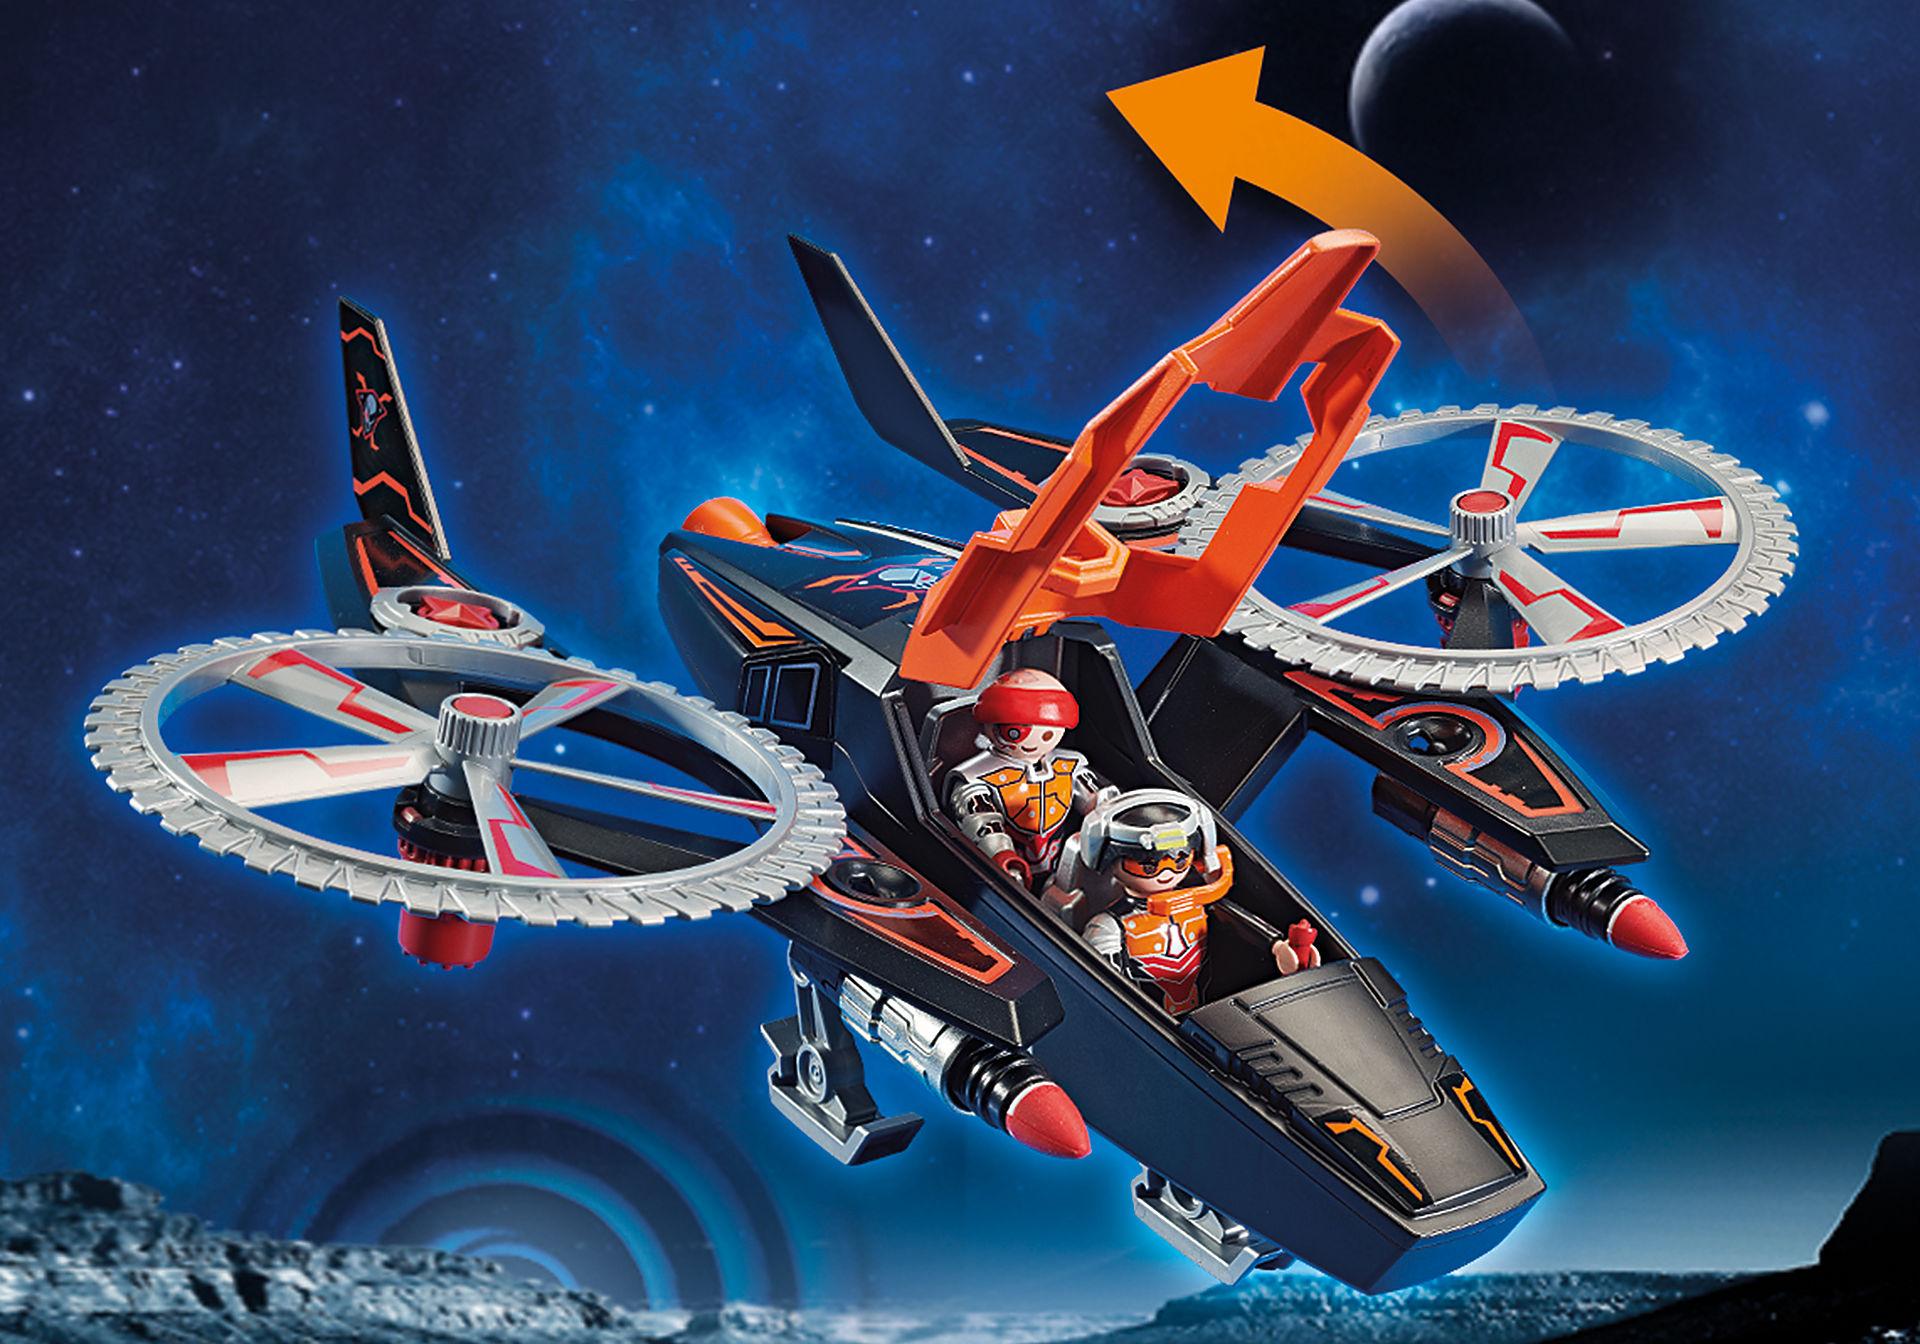 70023 Elicottero dei Pirati Spaziali zoom image6